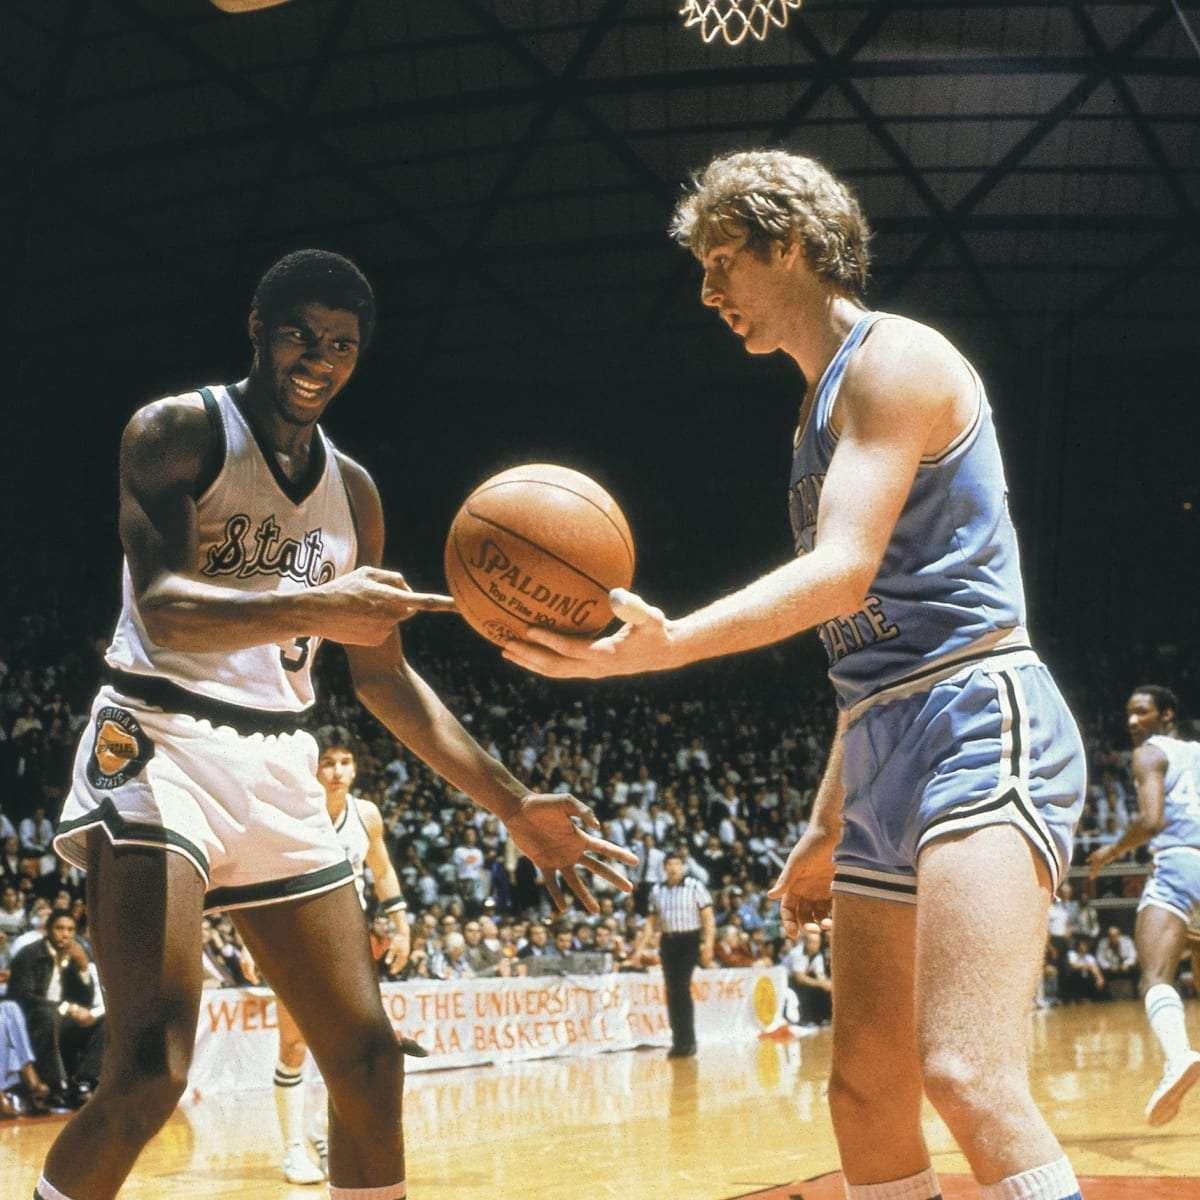 Magic Johnson & Larry Bird in college